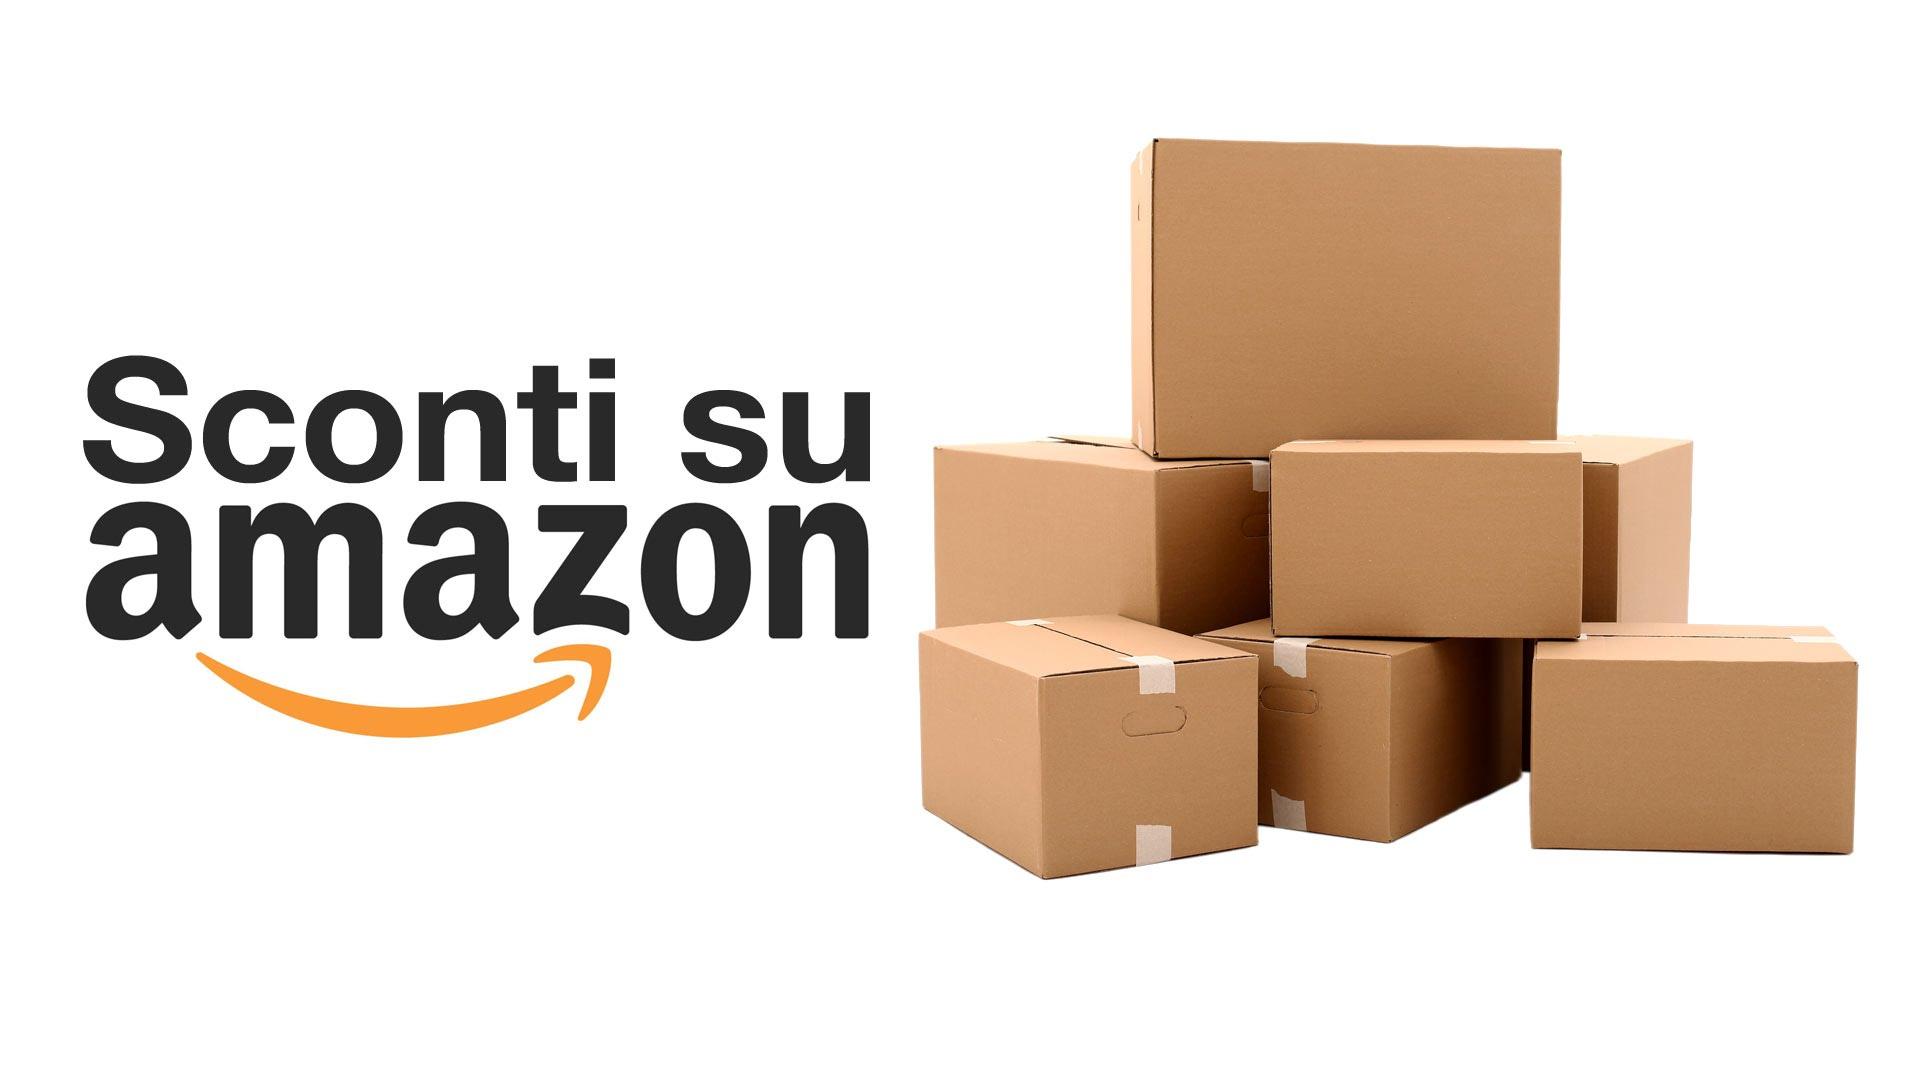 Offerte amazon gennaio 2016 arrivano gli sconti invernali for Amazon offerte abbigliamento